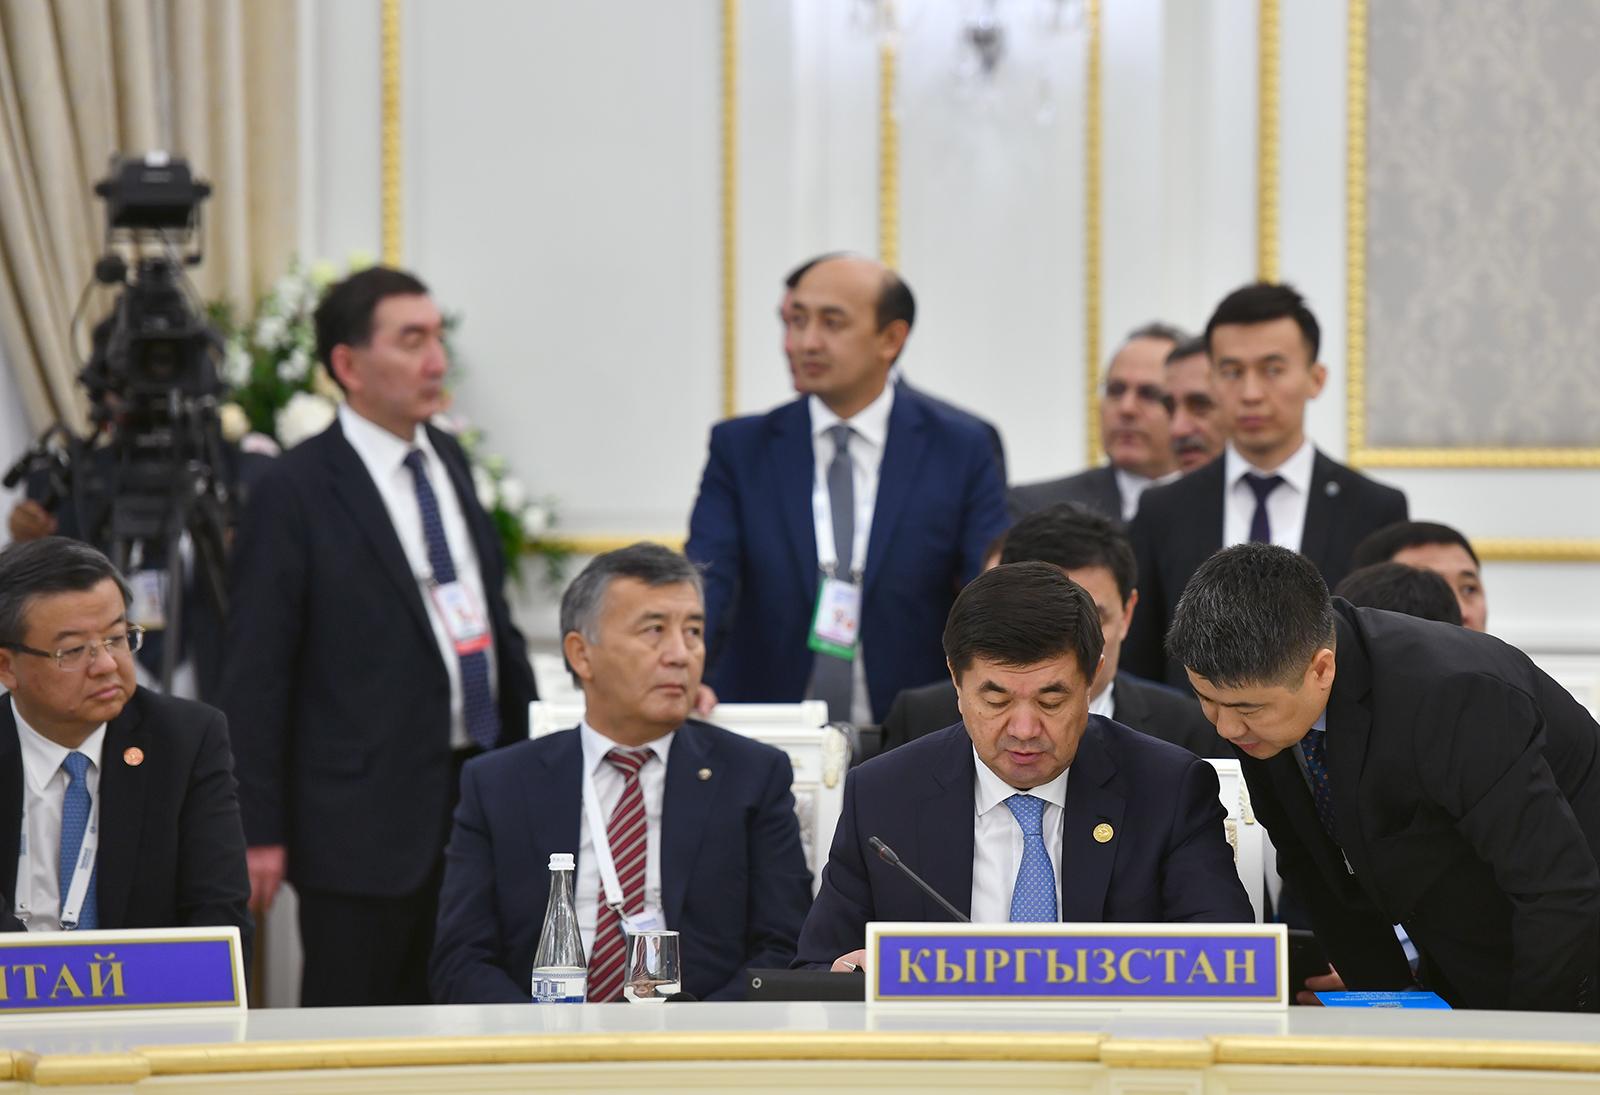 Ташкентте ШКУ жыйынында өкмөт башчылар бир катар документтерге кол коюшту — тизме